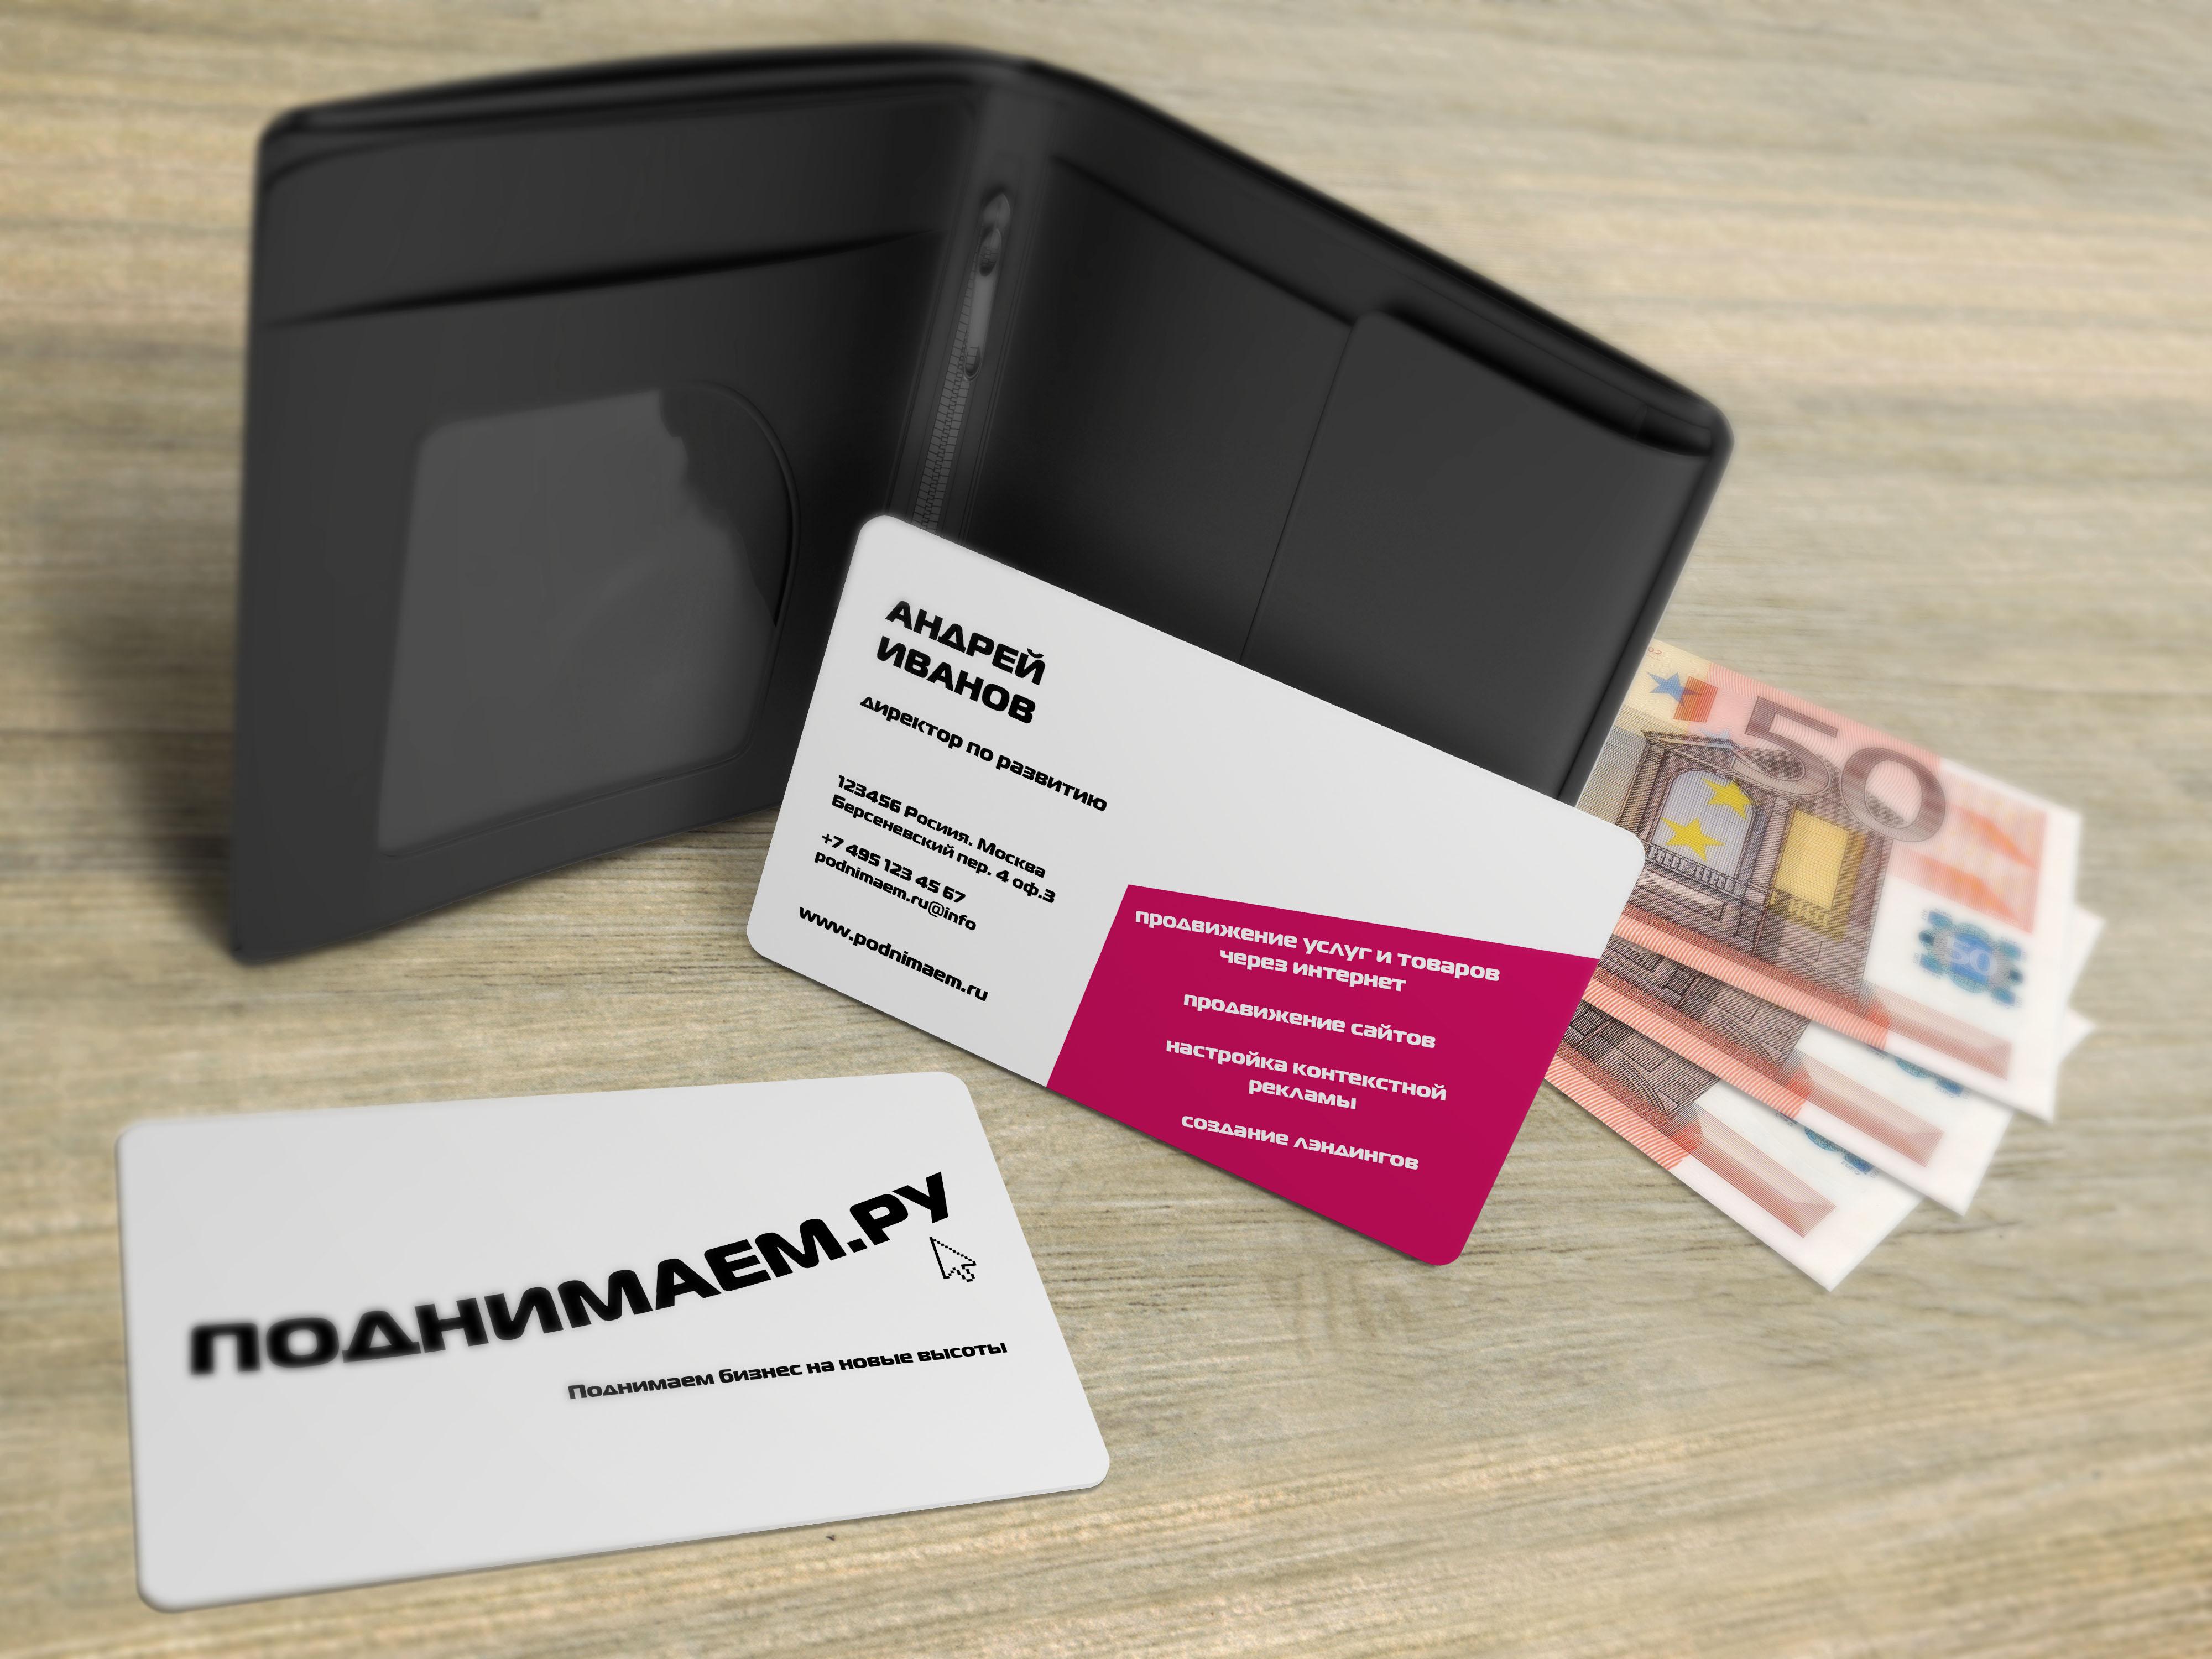 Разработать логотип + визитку + логотип для печати ООО +++ фото f_31255464e559169d.jpg